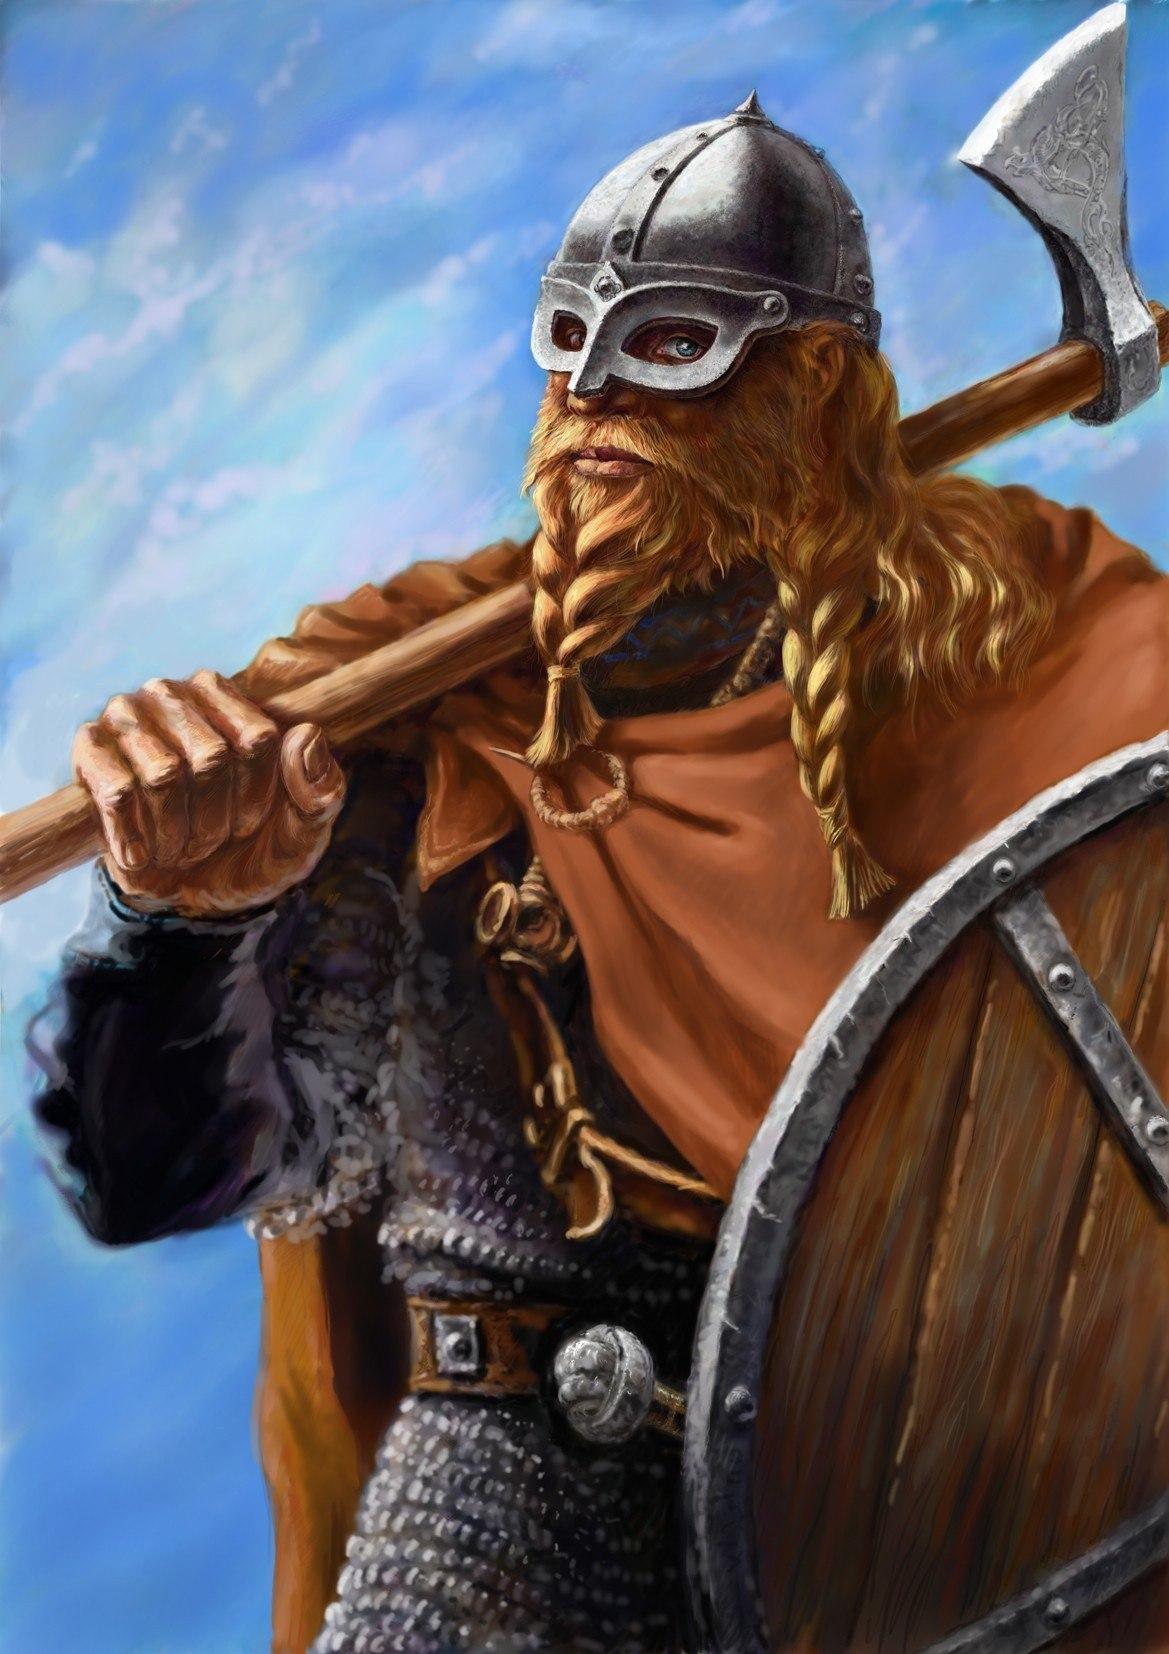 картинки на тему вера викингов с информацией буквально отжали, что-то